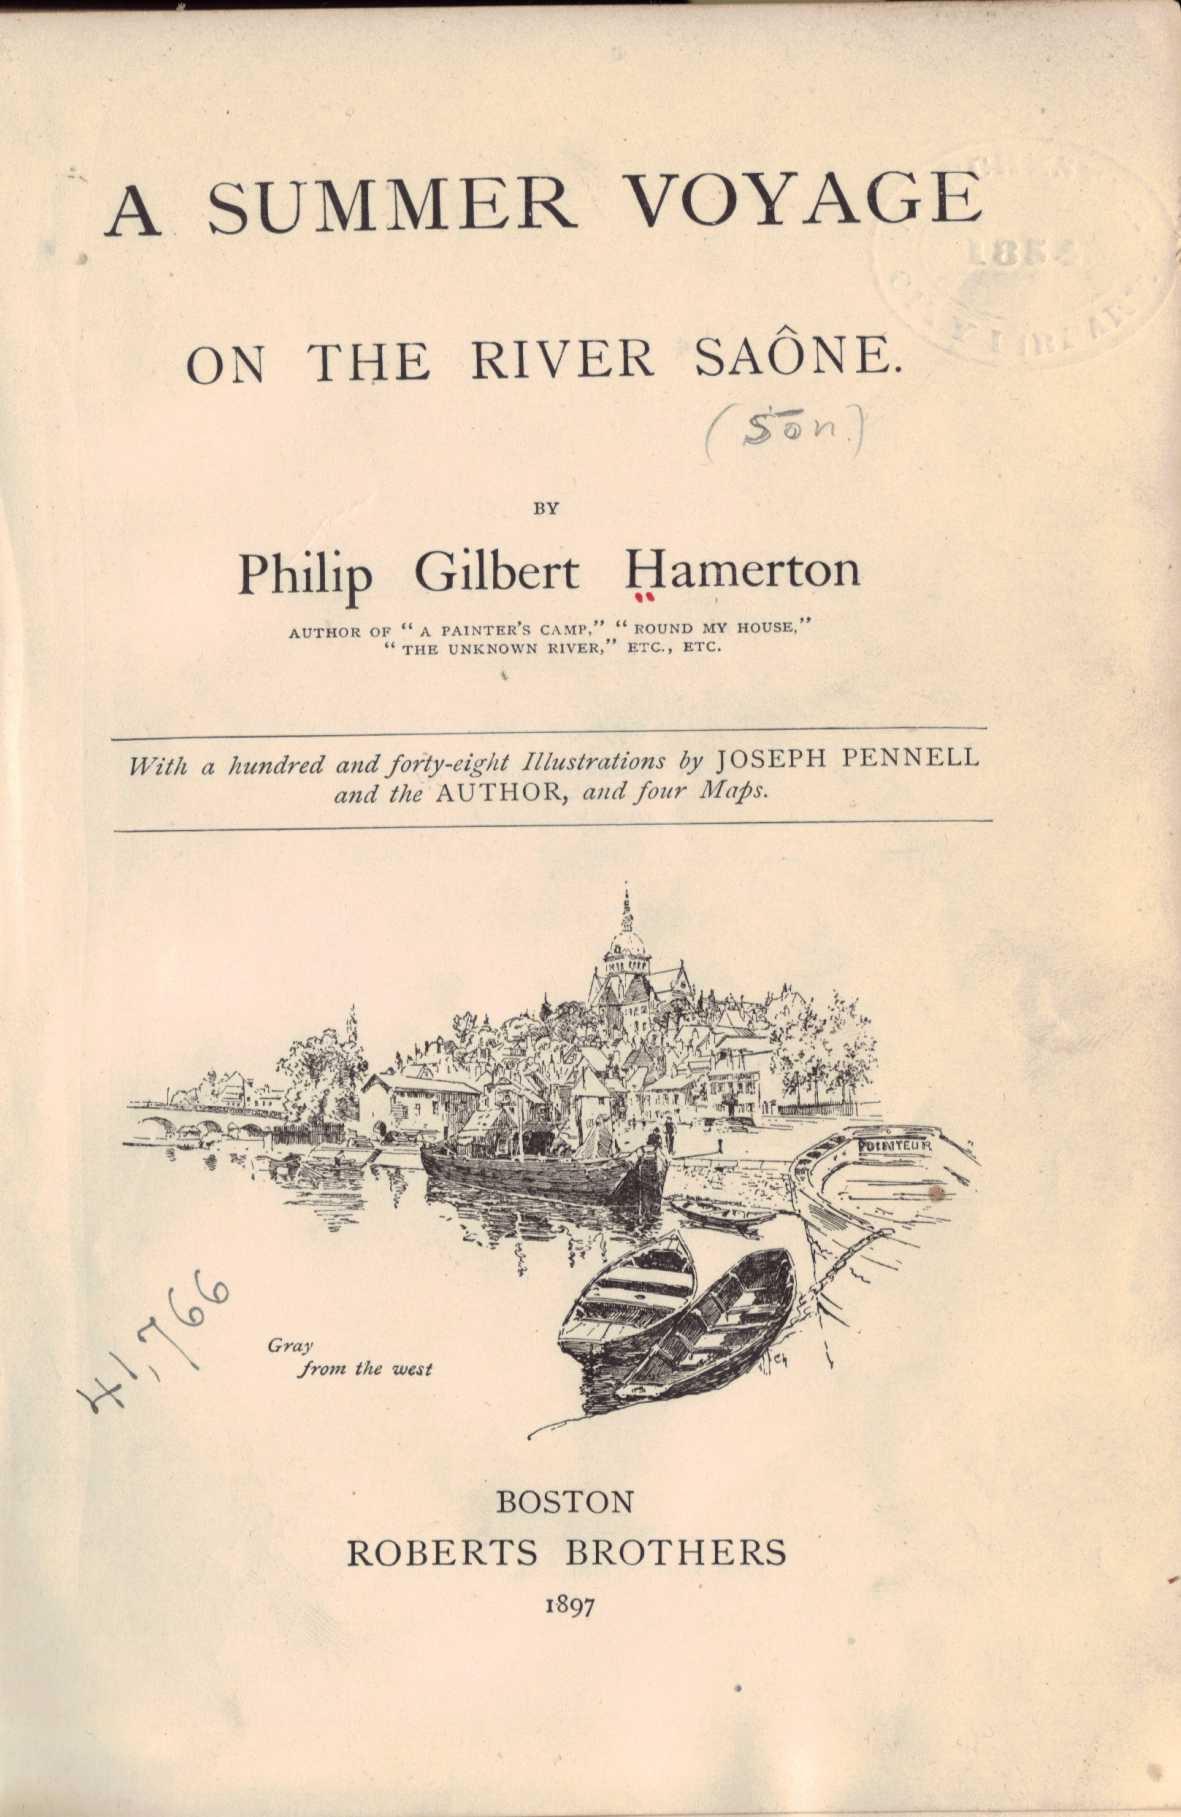 Voyage pittoresque, et livresque, au fil de l'eau – la SAONE